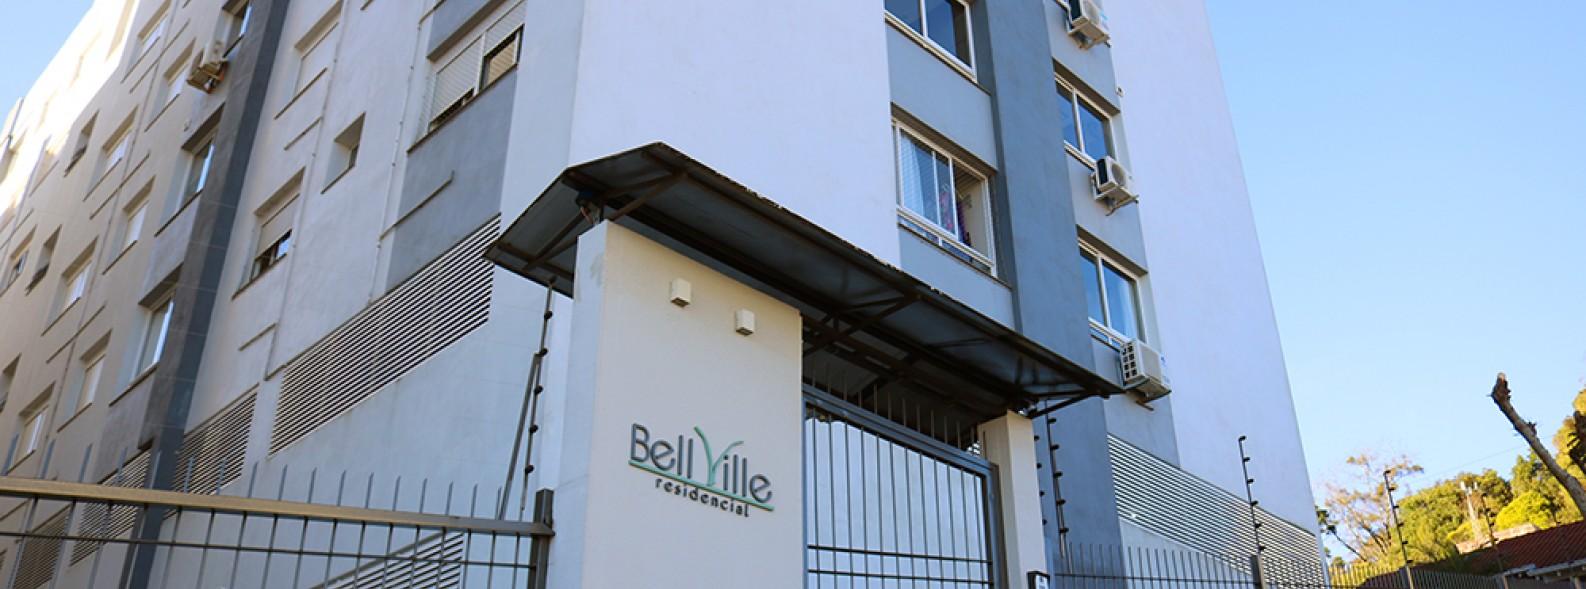 bell-ville-residencial_8_914.jpg